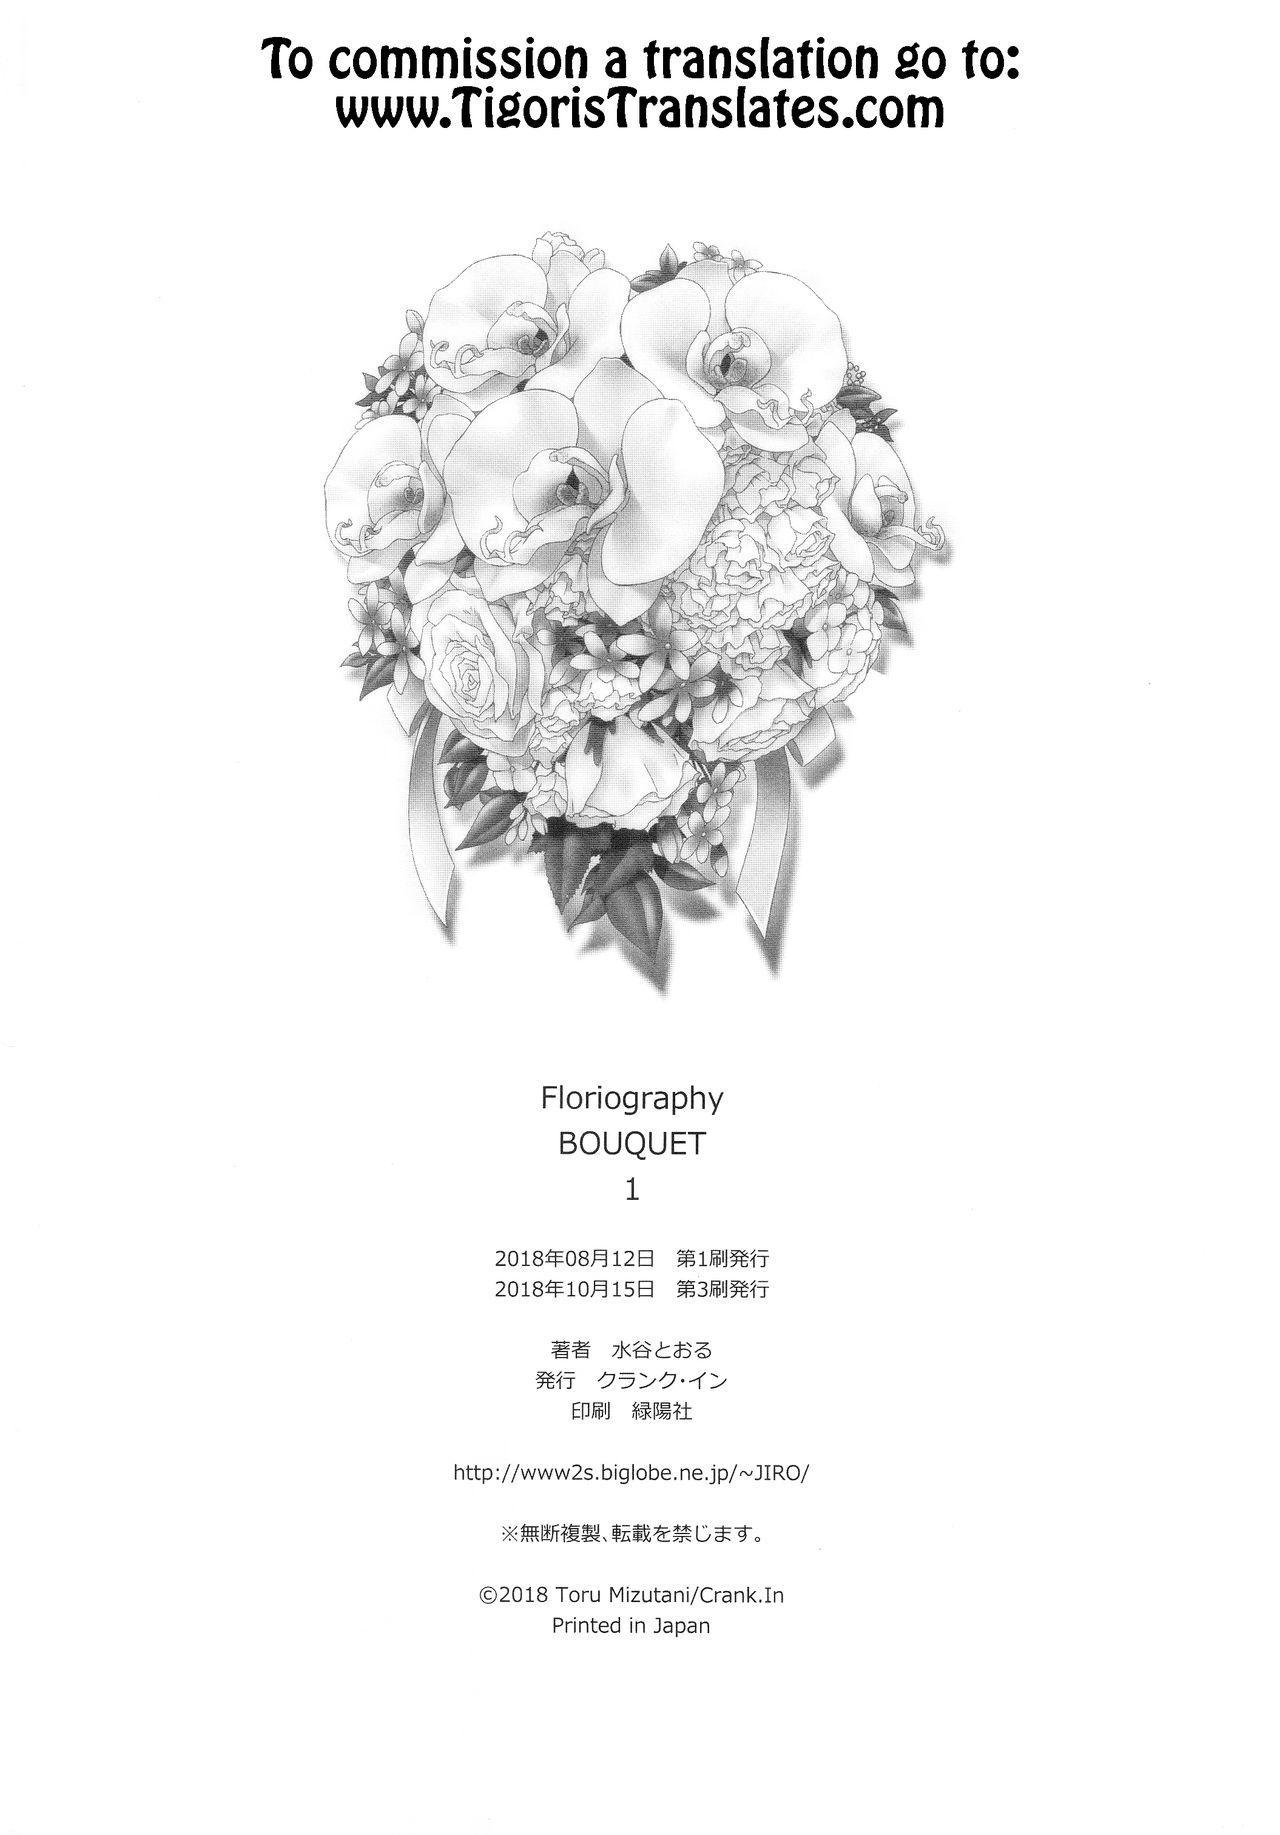 Floriography BOUQUET 1 59